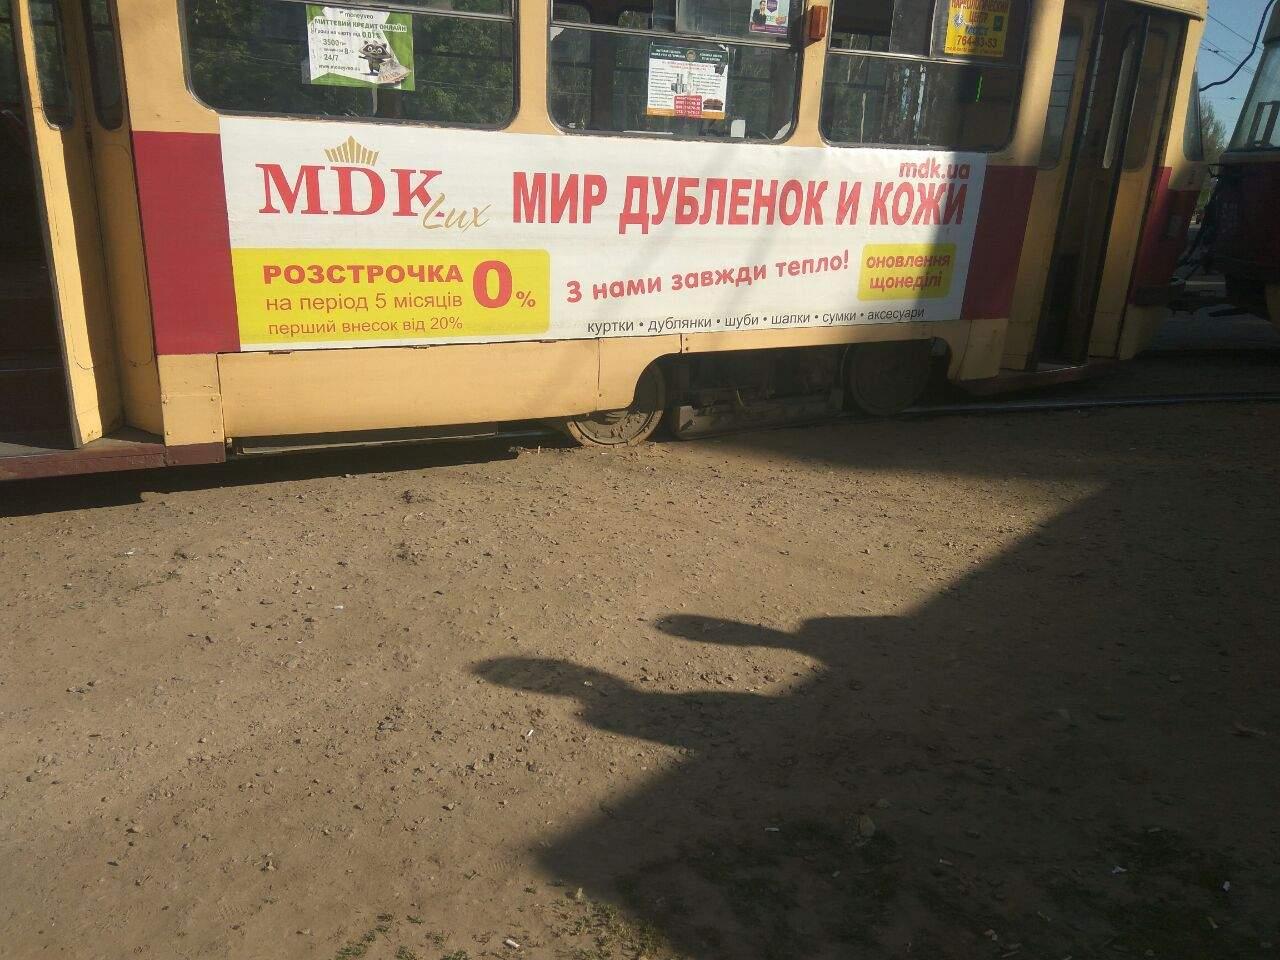 В Харькове очередной трамвай сошел с рельсов, движение по маршруту приостановлено (фото)